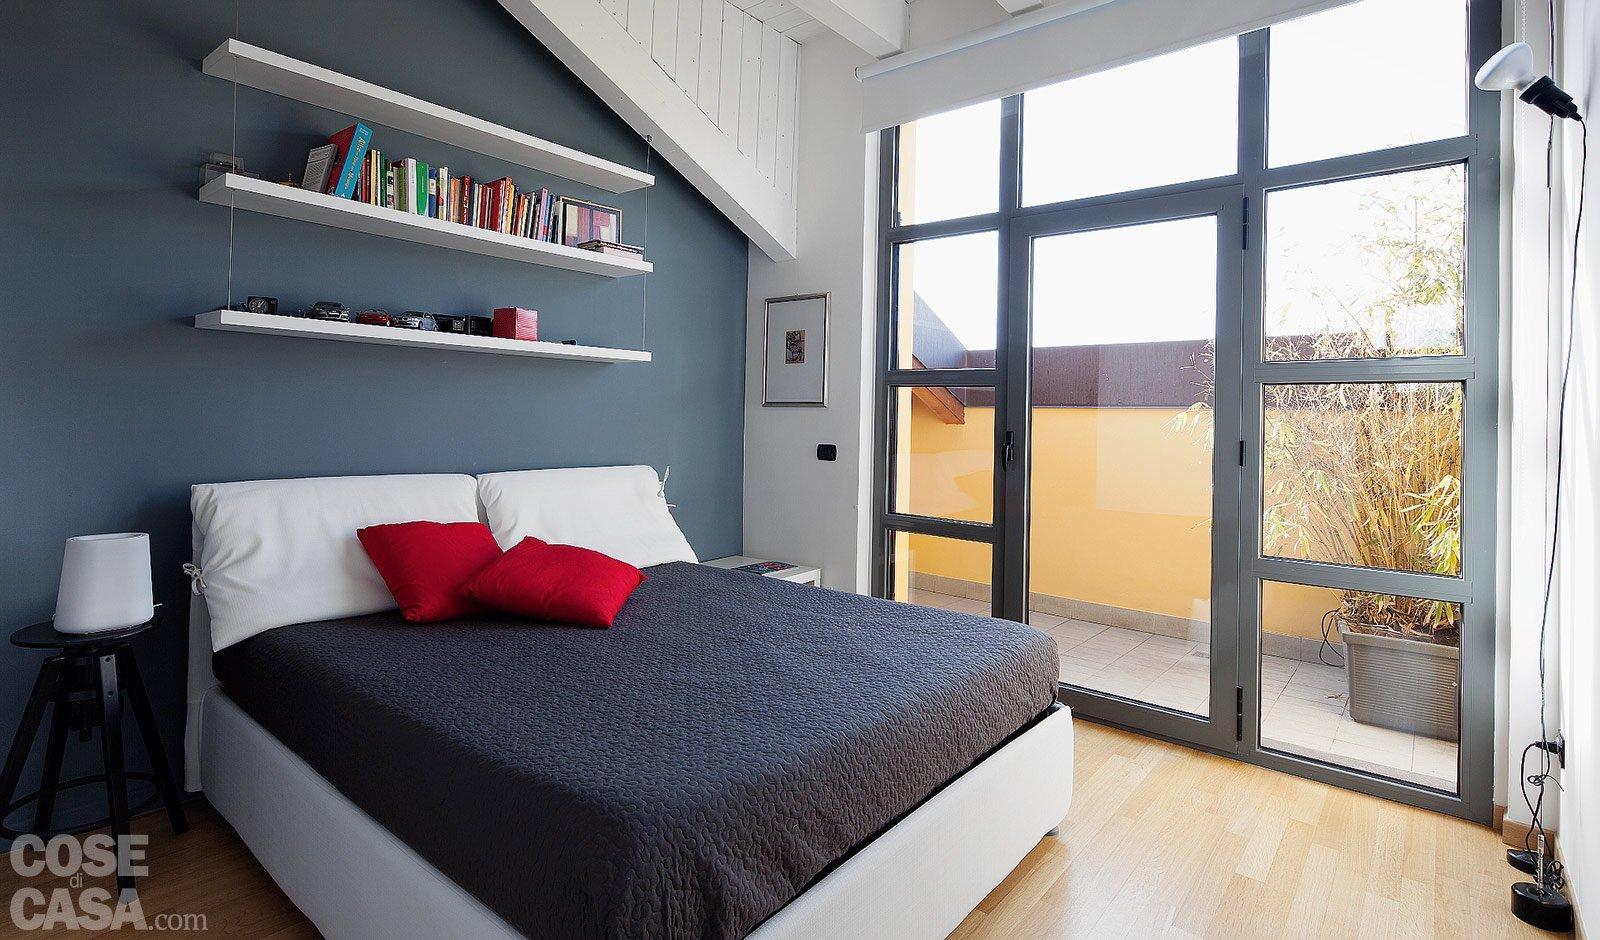 Il meglio di potere termosifoni a olio basso consumo parete - Riscaldare casa a basso costo ...